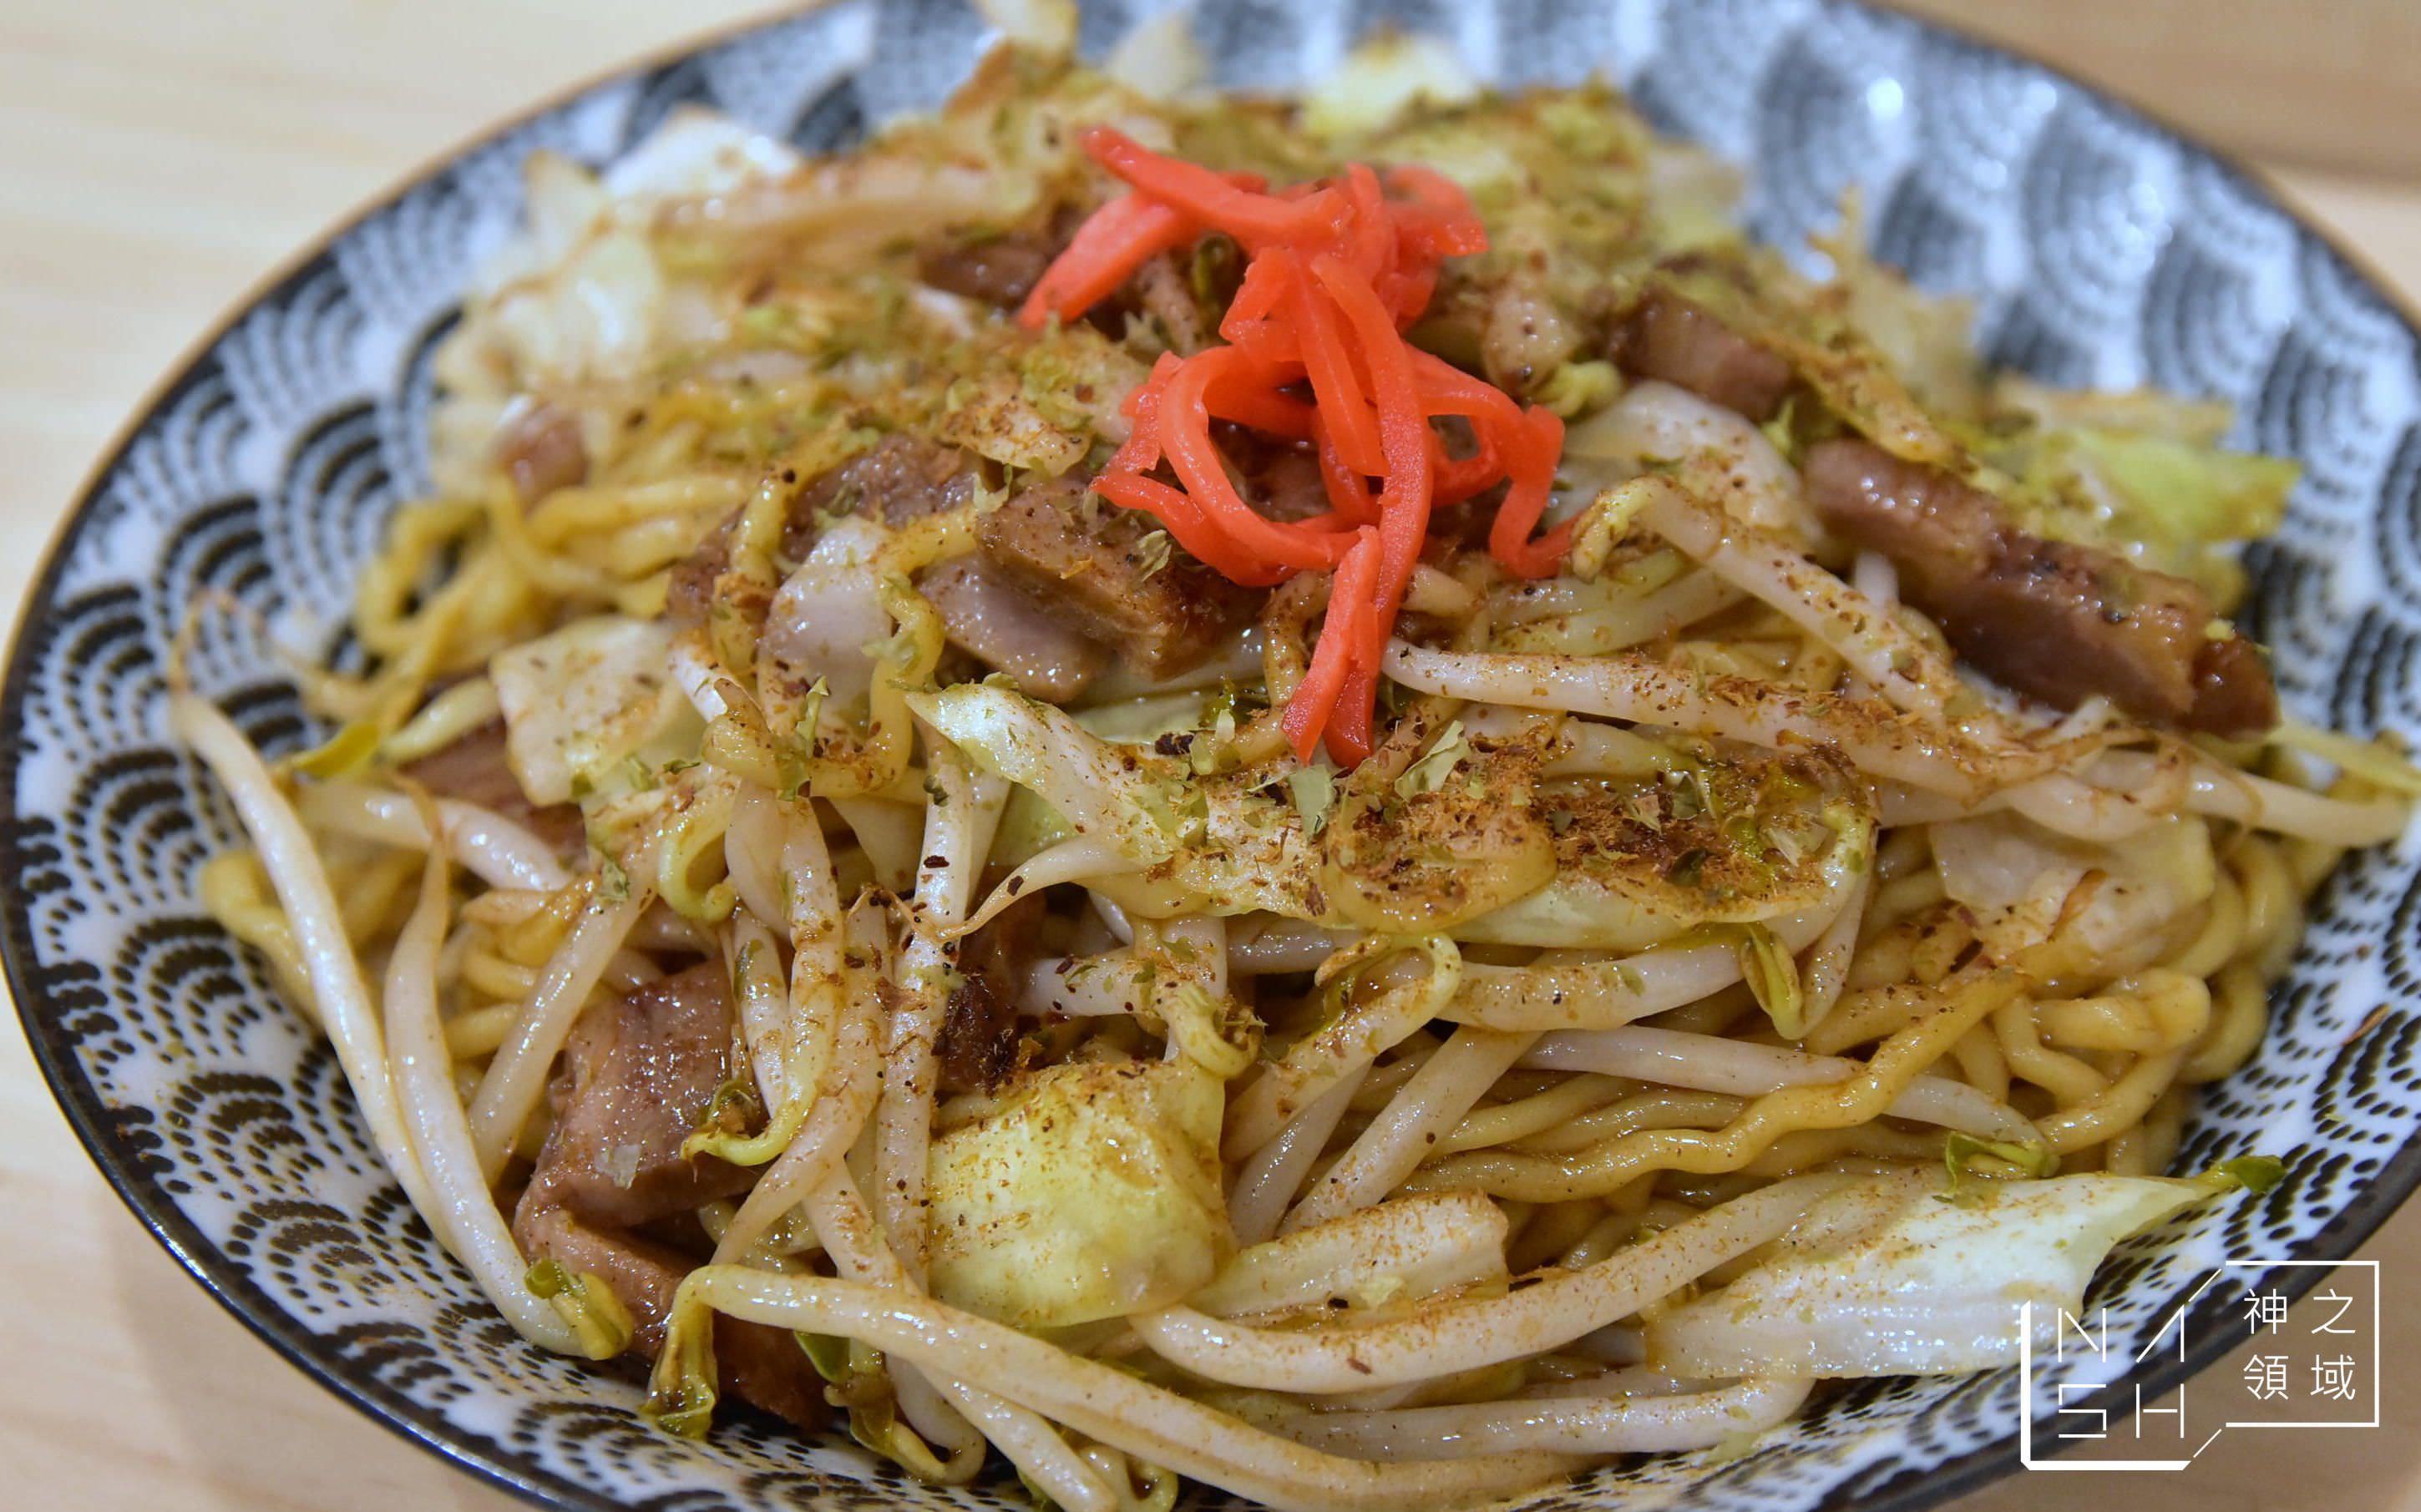 壹番堂拉麵,壹番堂日本料理,壹番堂 @Nash,神之領域